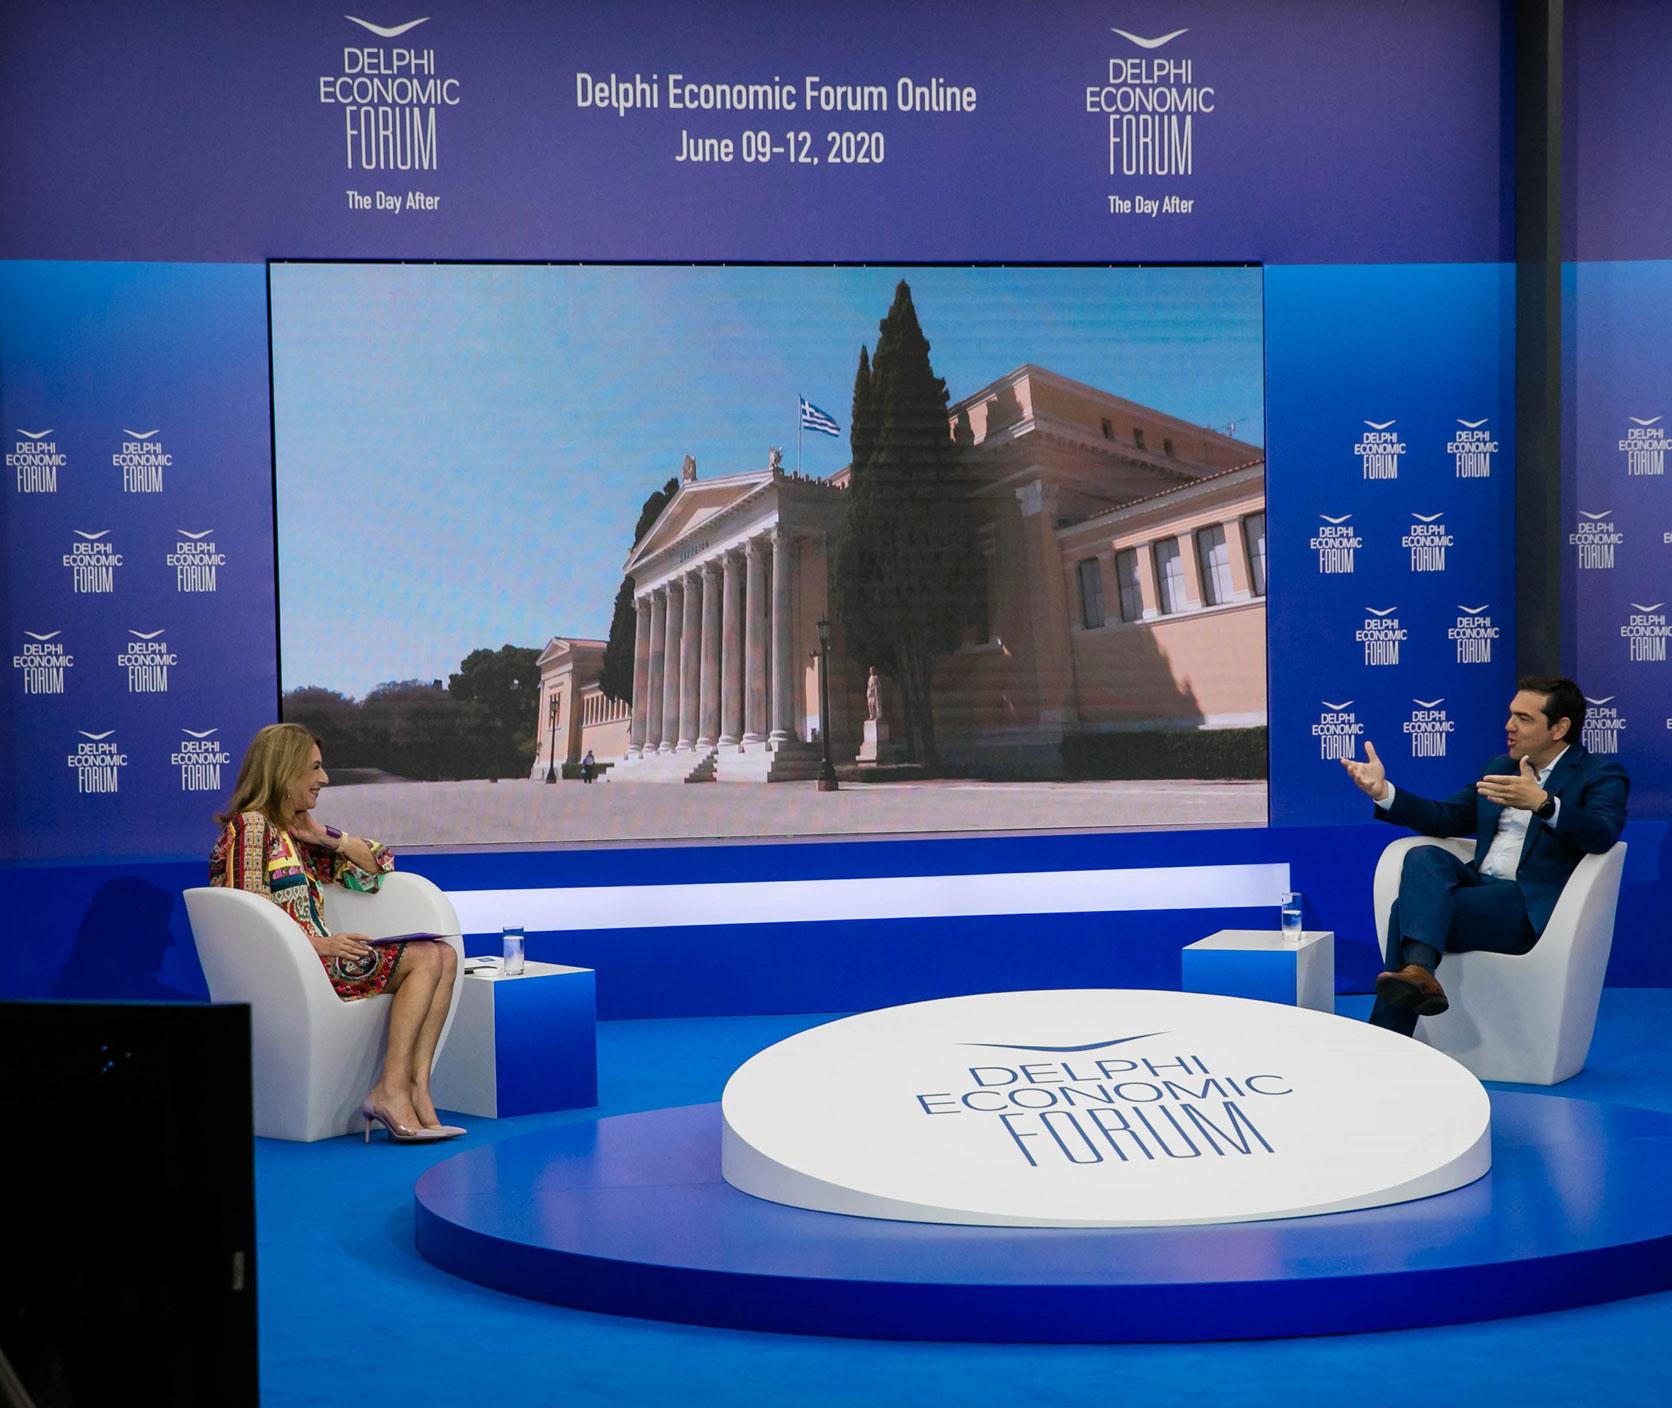 Παραδοχή Τσίπρα πως κάποιοι δημοσιογράφοι πλήρωσαν την κόντρα του με τους καναλάρχες (video)